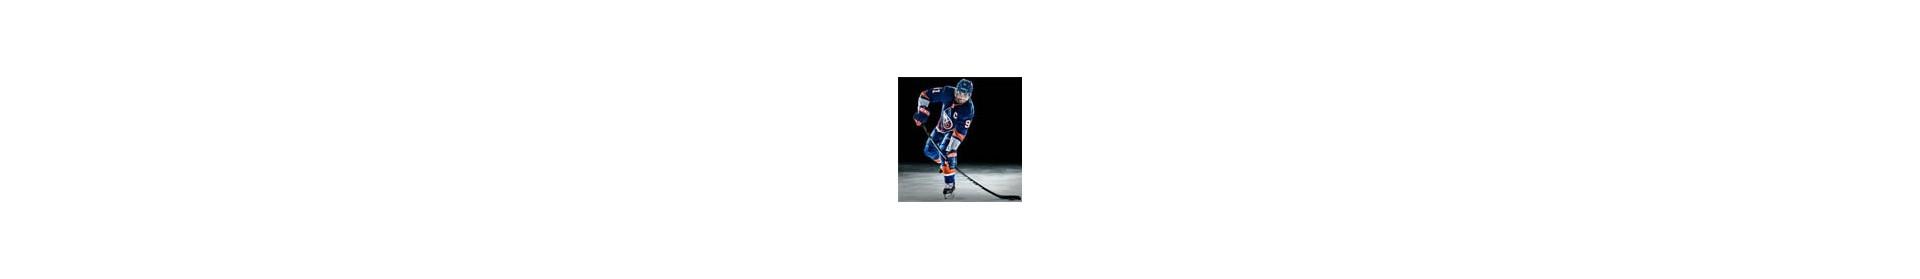 Joueurs Hockey - Le Vestiaire